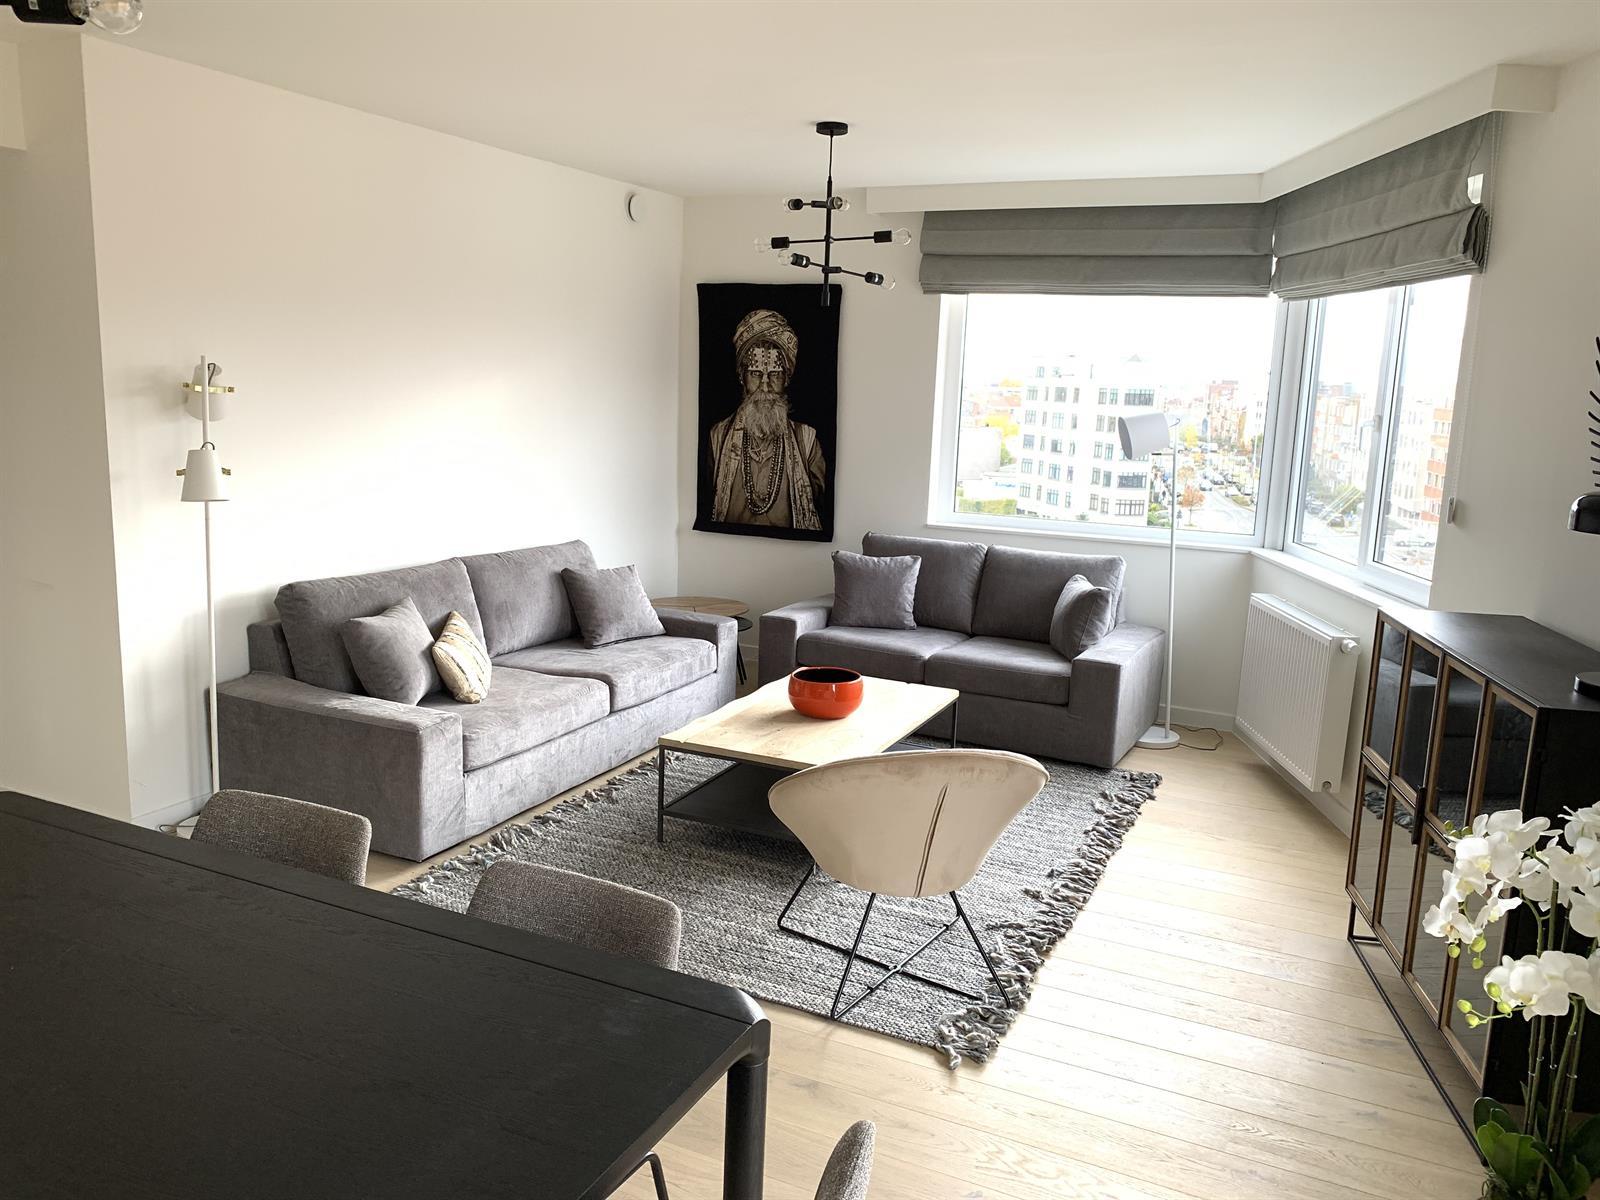 Appartement exceptionnel - Schaerbeek - #3964777-2